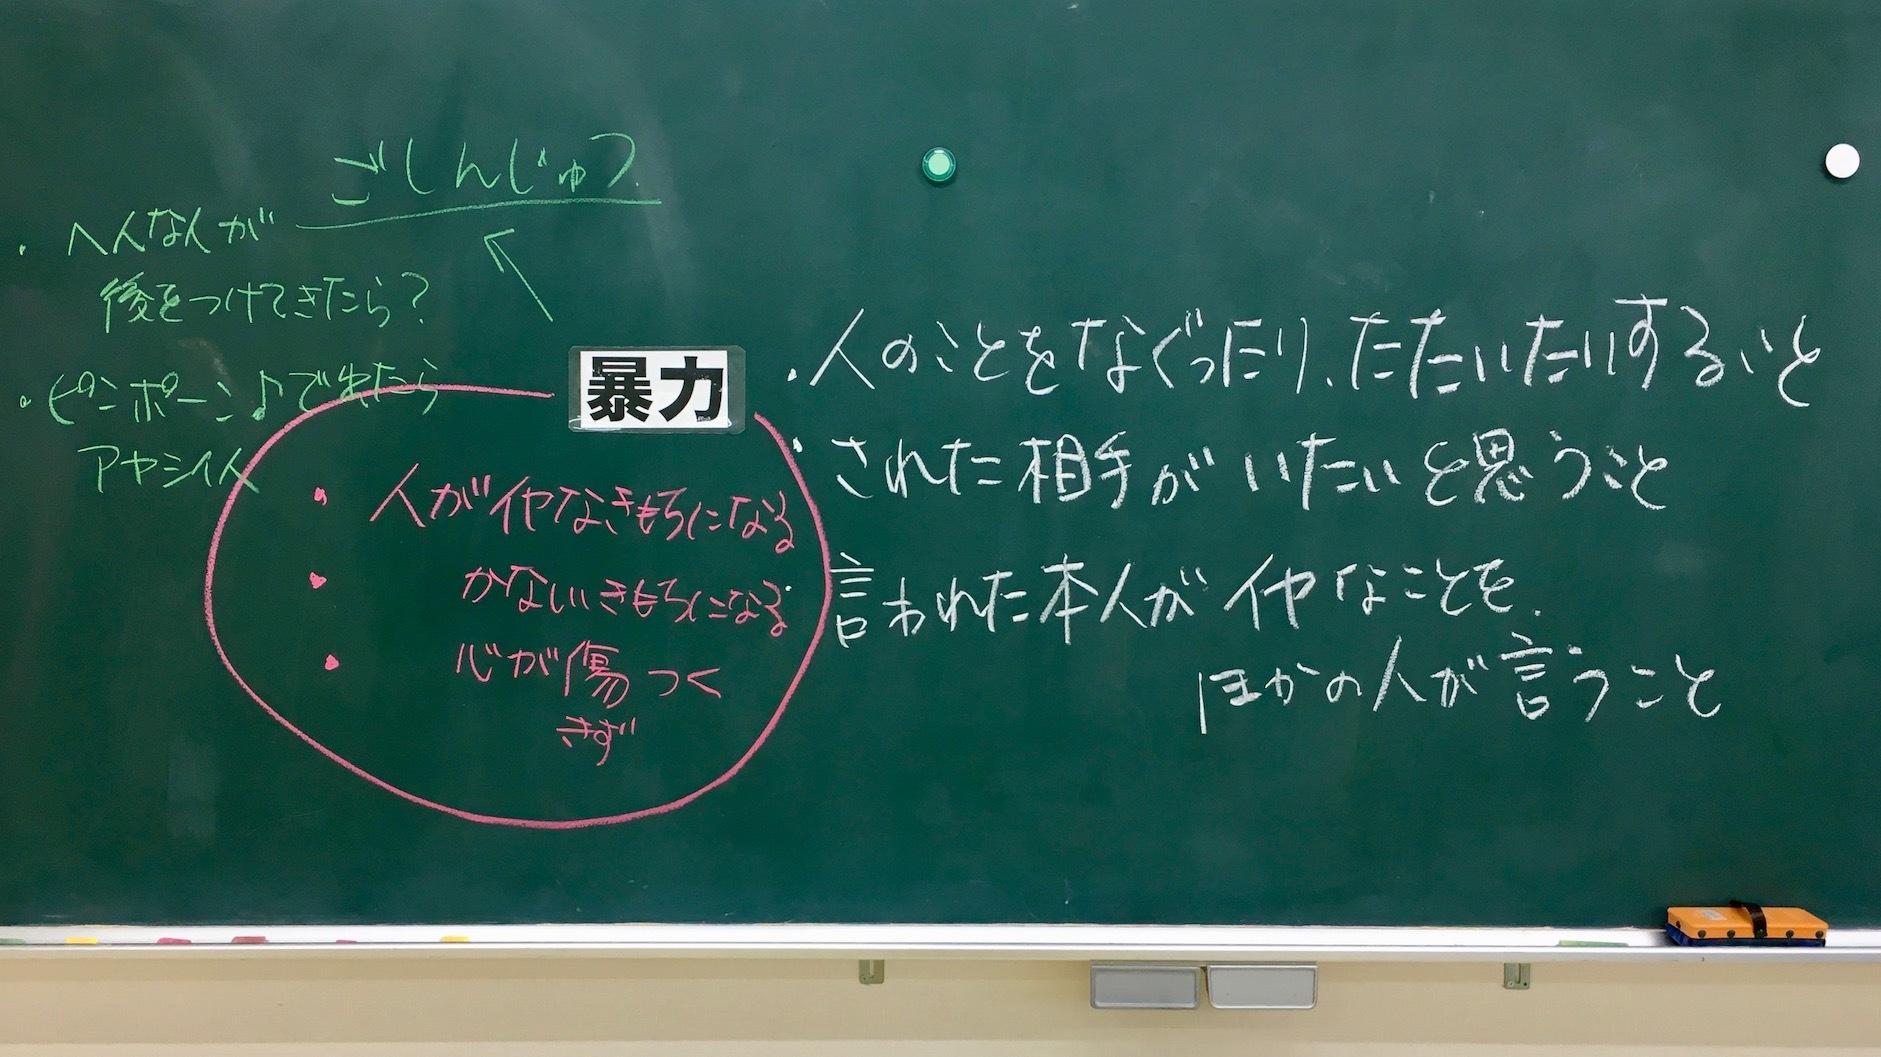 主体的・対話的なセルフディフェンス:小学生との護身授業「暴力をなくすために大事なことを考える」_e0024978_18201774.jpeg